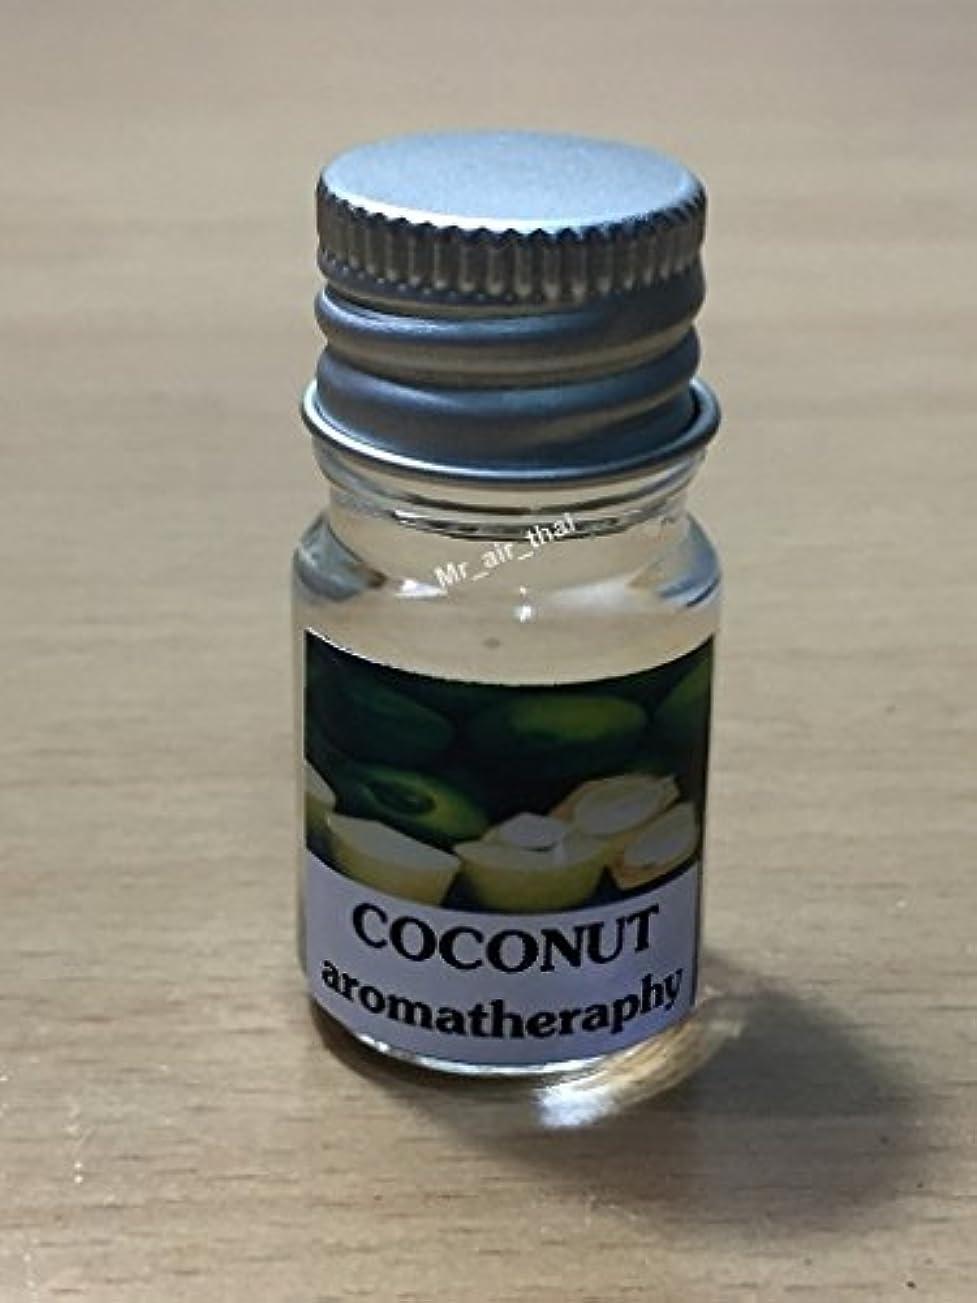 促す精神医学口5ミリリットルアロマココナッツフランクインセンスエッセンシャルオイルボトルアロマテラピーオイル自然自然5ml Aroma Coconut Frankincense Essential Oil Bottles Aromatherapy Oils natural nature